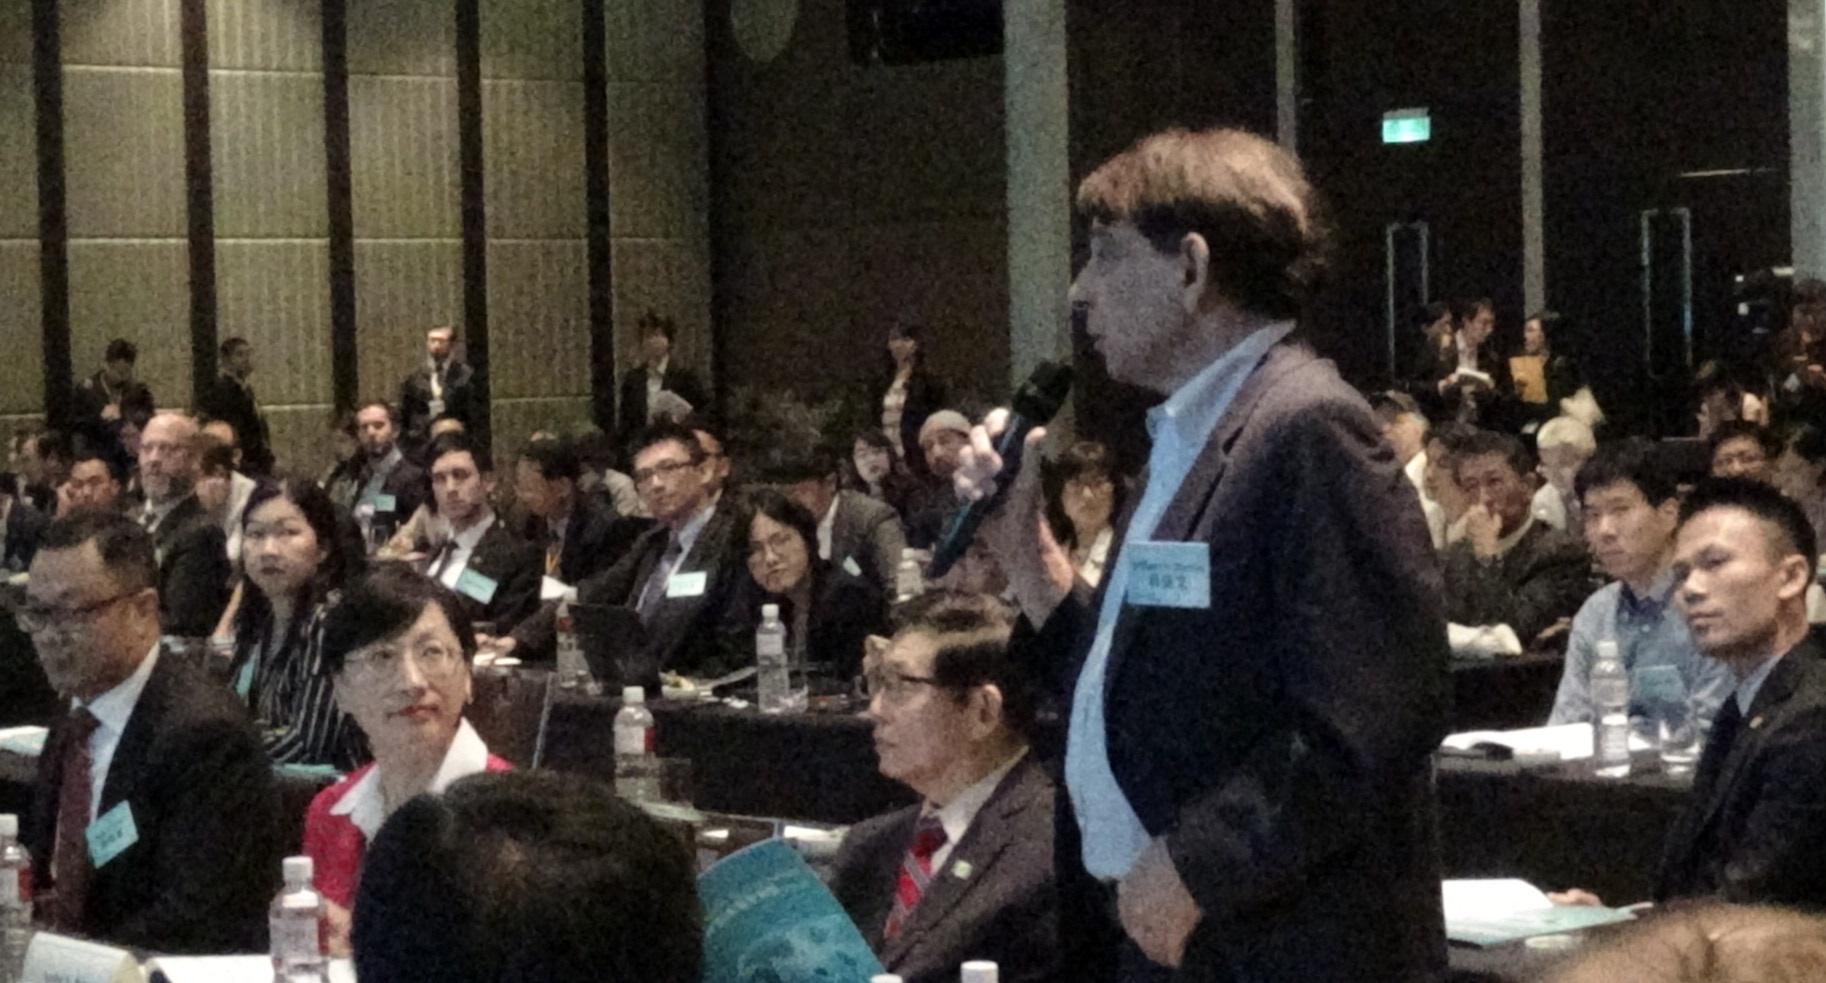 前AIT台北处长司徒文,向台上的前澳大利亚国防部长派恩提问。(记者夏小华摄)